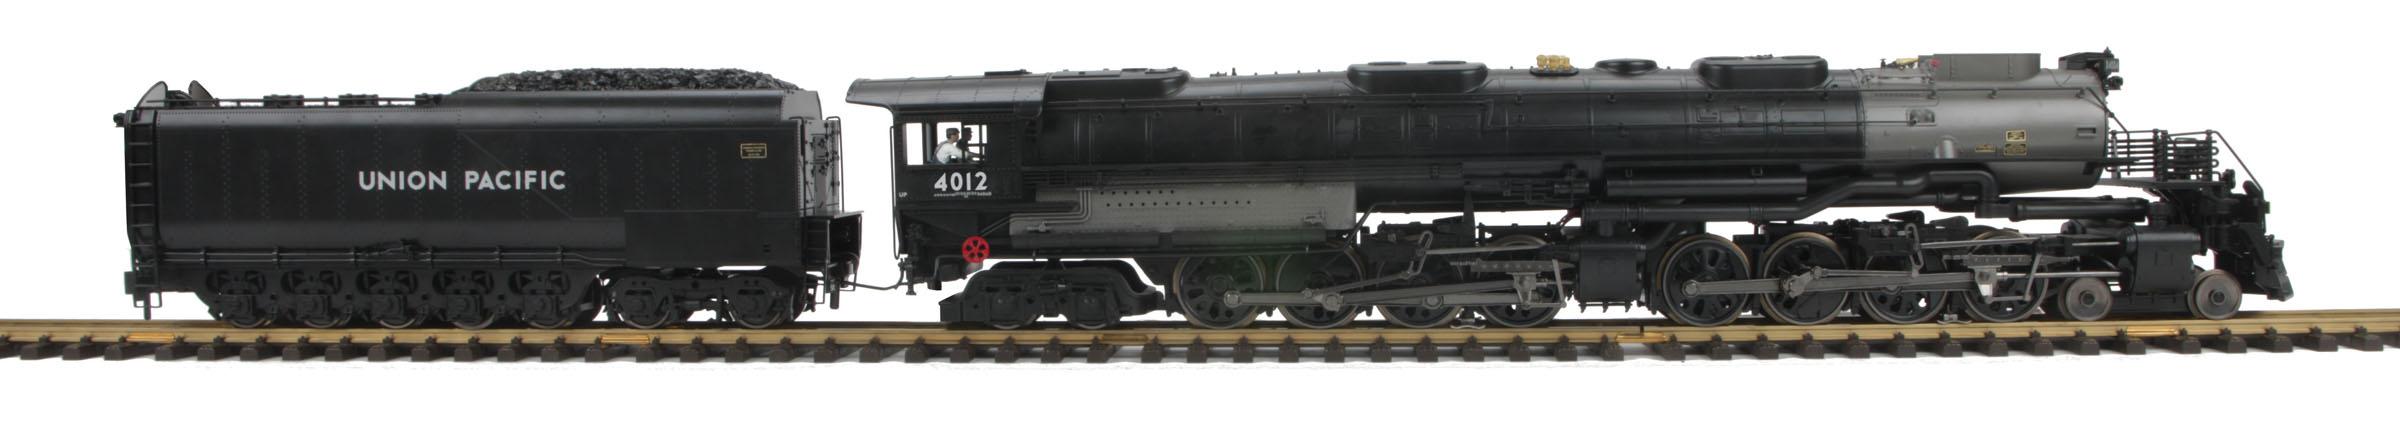 70-3027-1.jpg